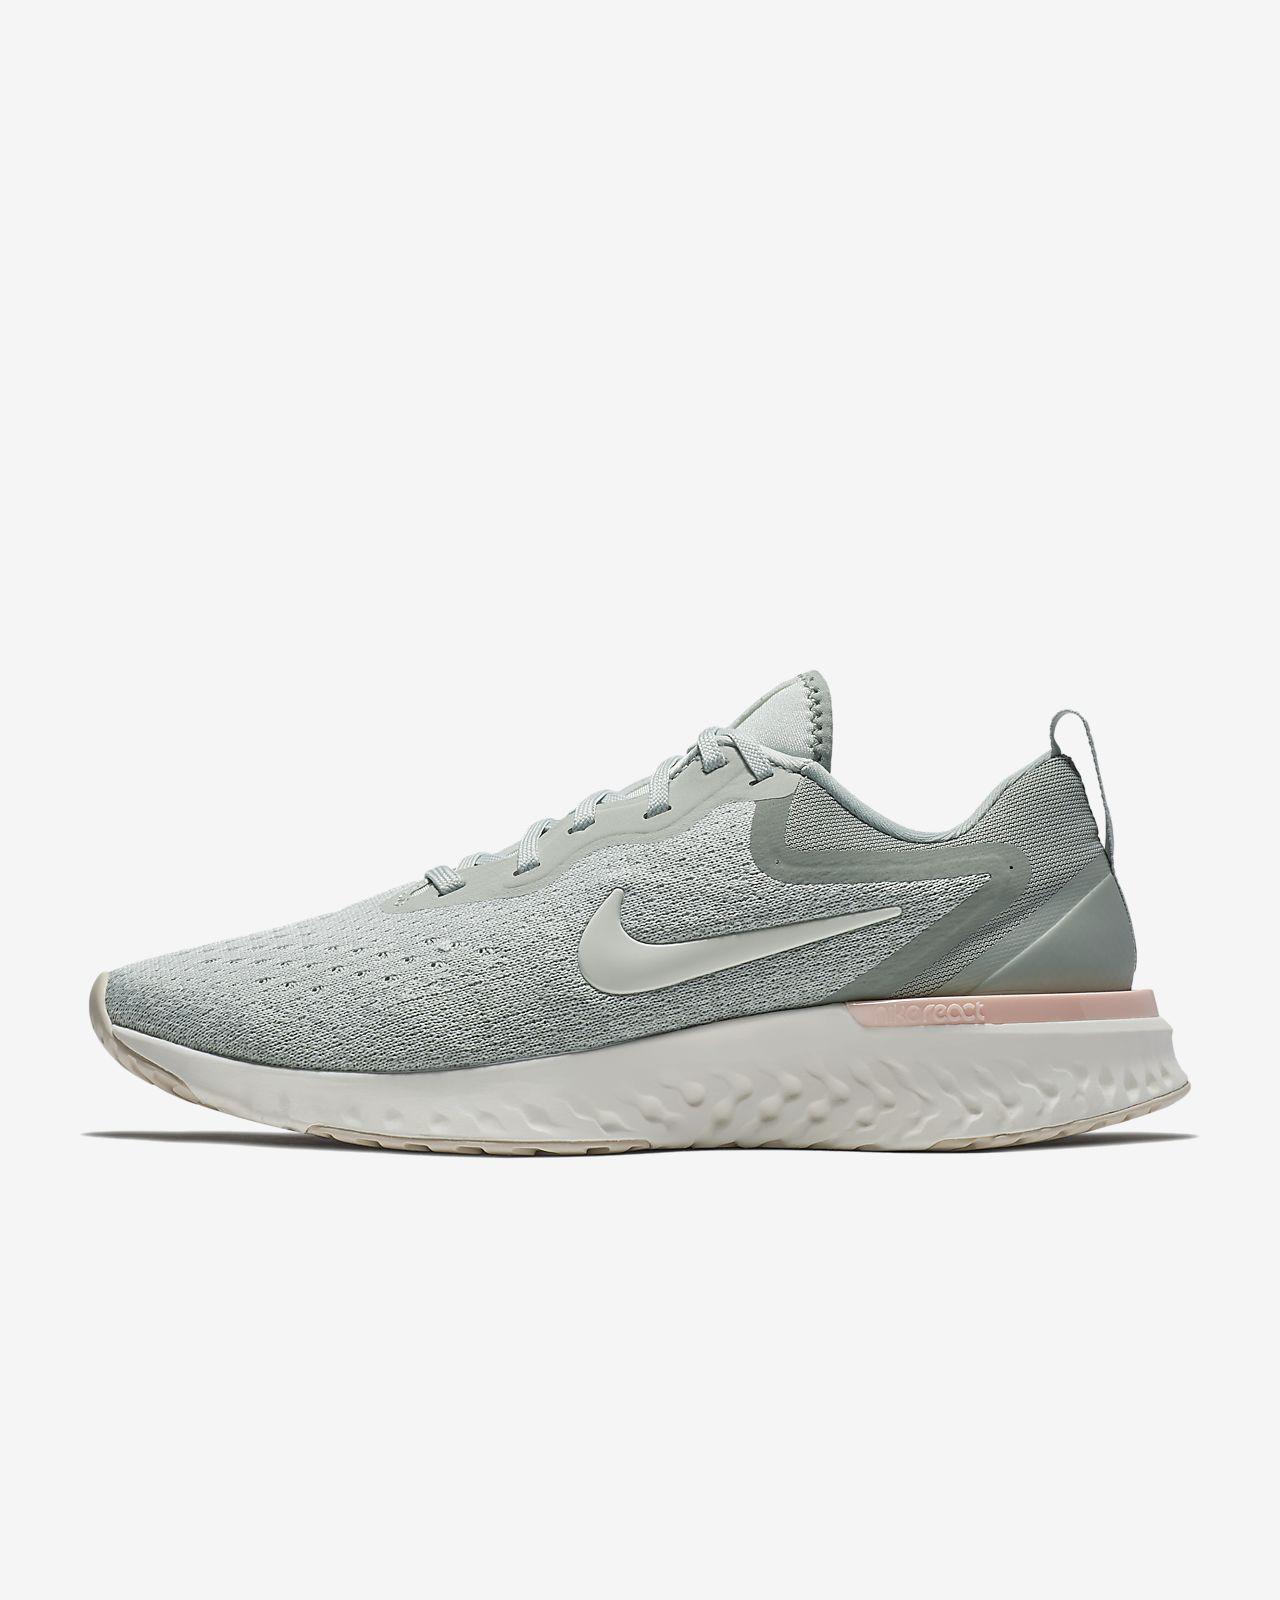 Löparsko Nike Odyssey React för kvinnor